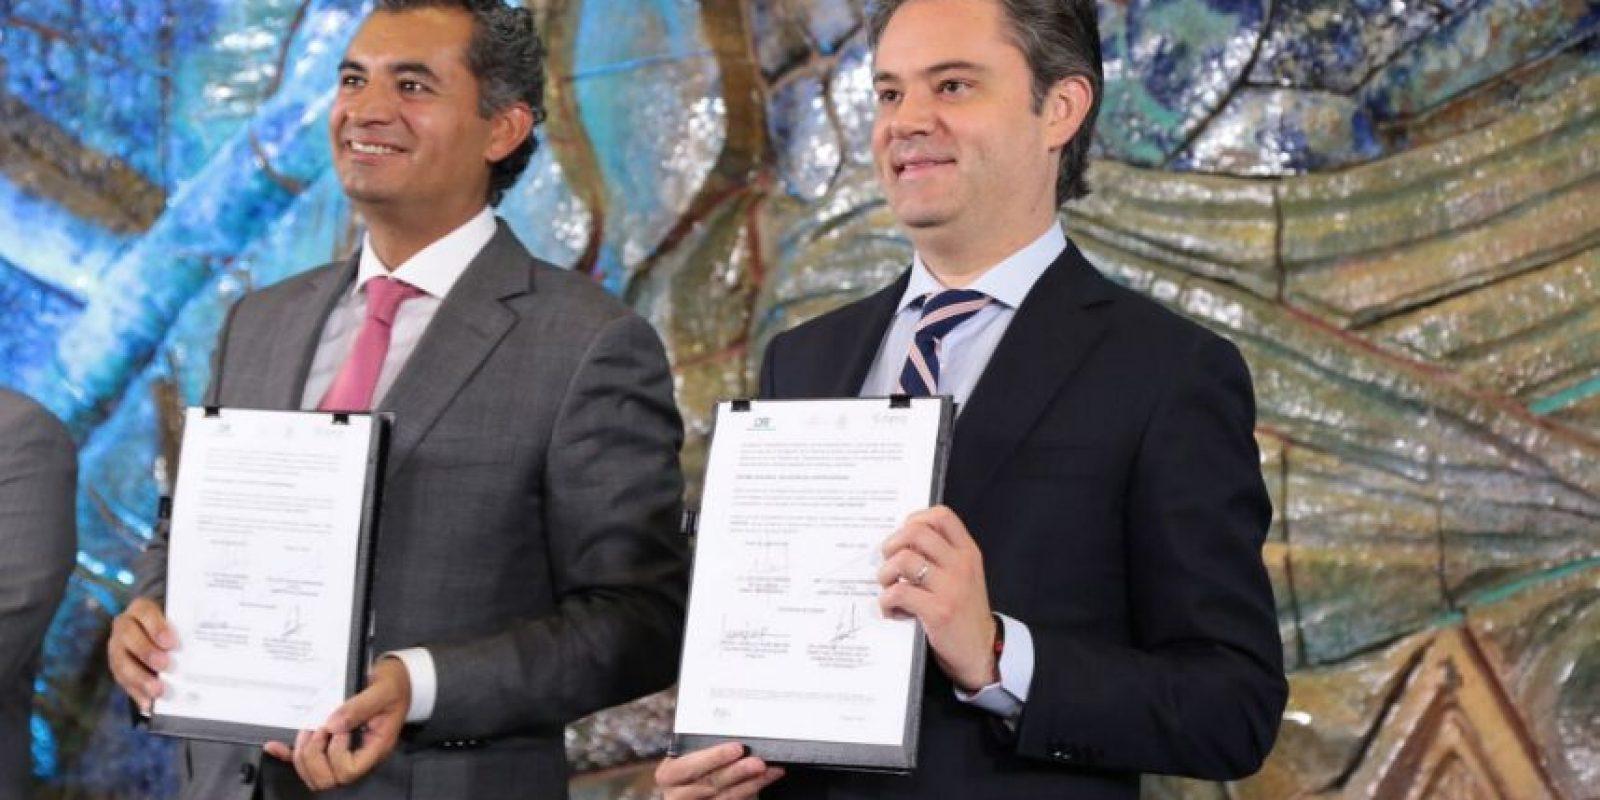 El director general de la CFE, Enrique Ochoa Meza y el secretario de Educación Pública, Aurelio Nuño tras la firma del convenio. Foto:Escpecial